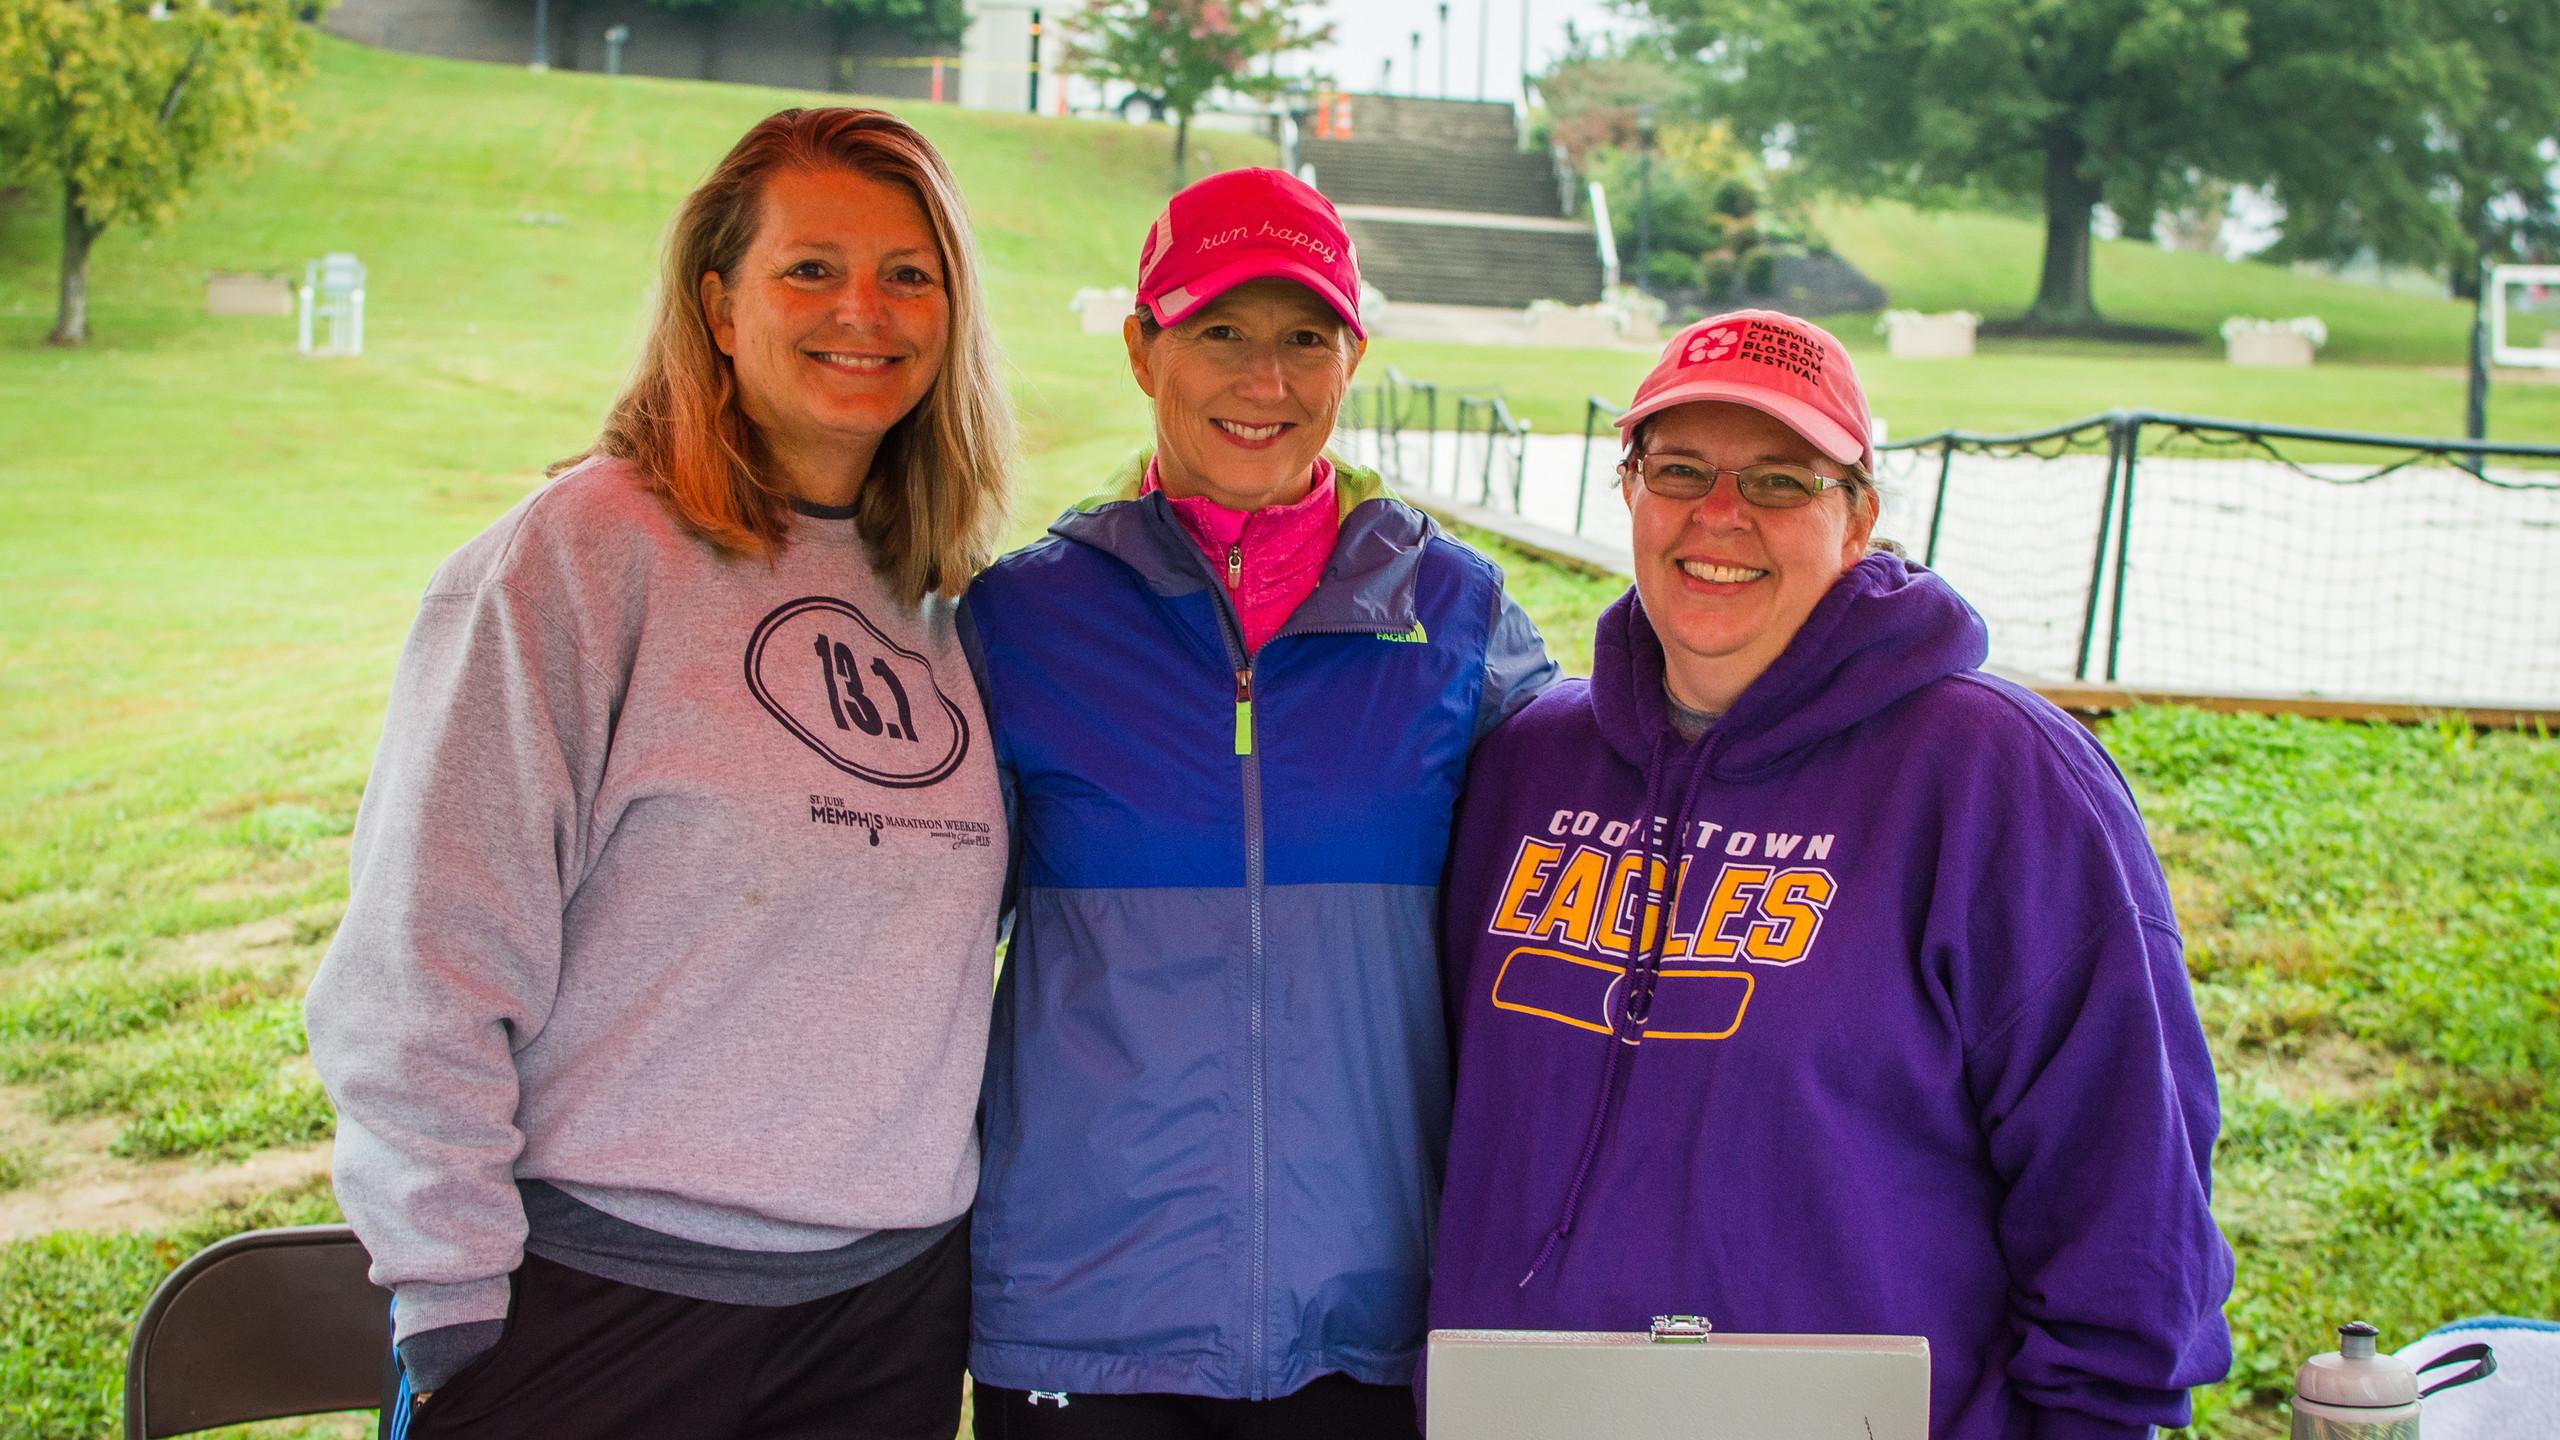 Rachel Fitzgerald, Donna Pittman, and Kr